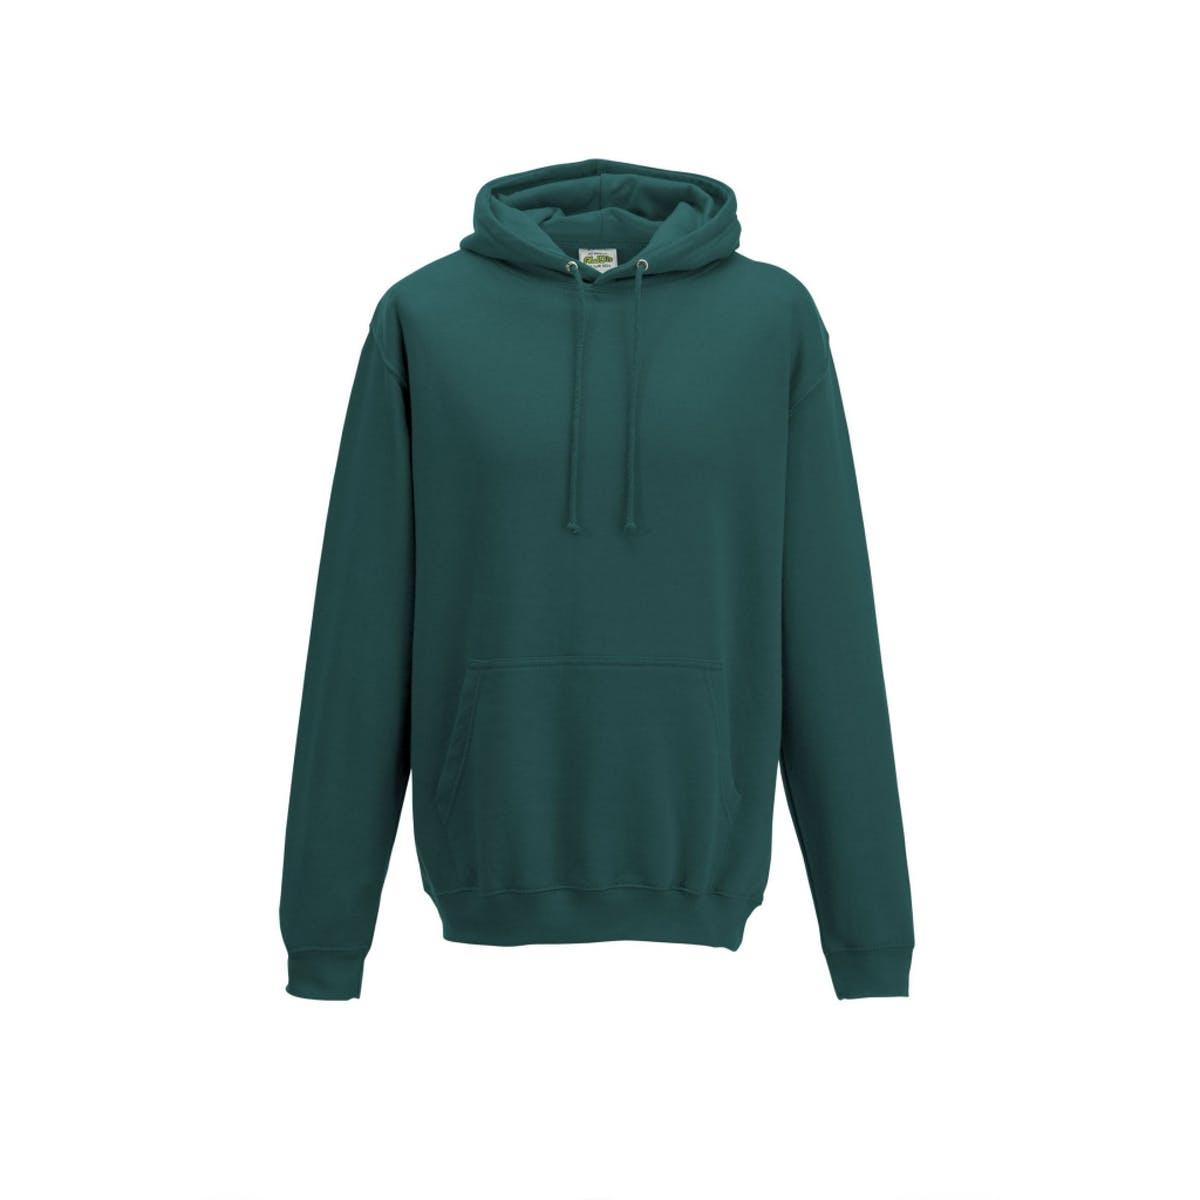 jade college hoodies